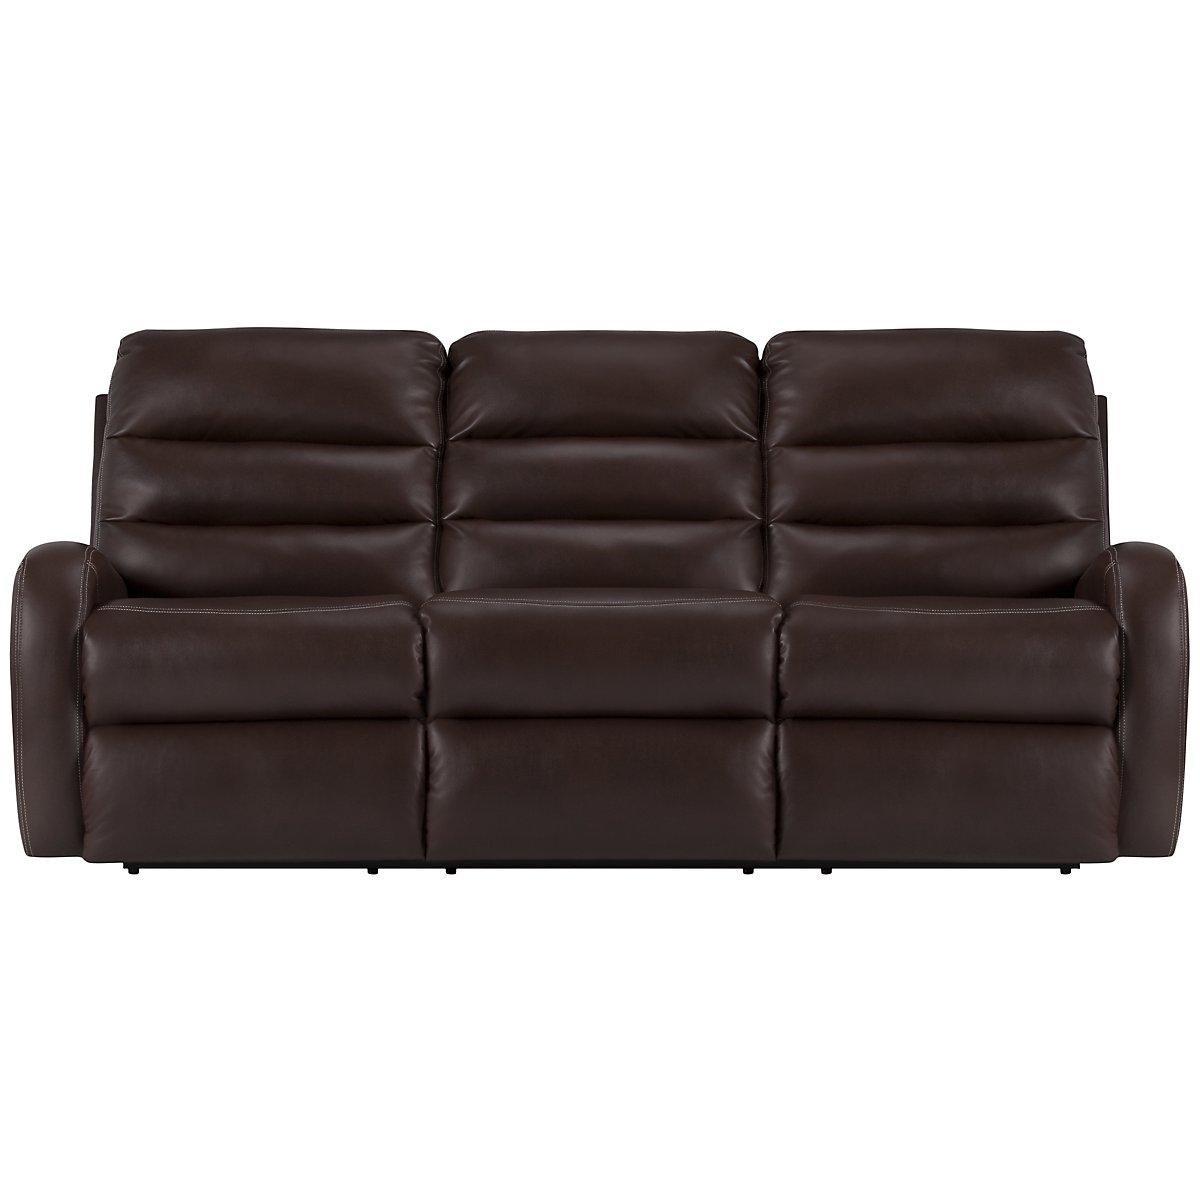 Carver Dark Brown Microfiber Reclining Sofa